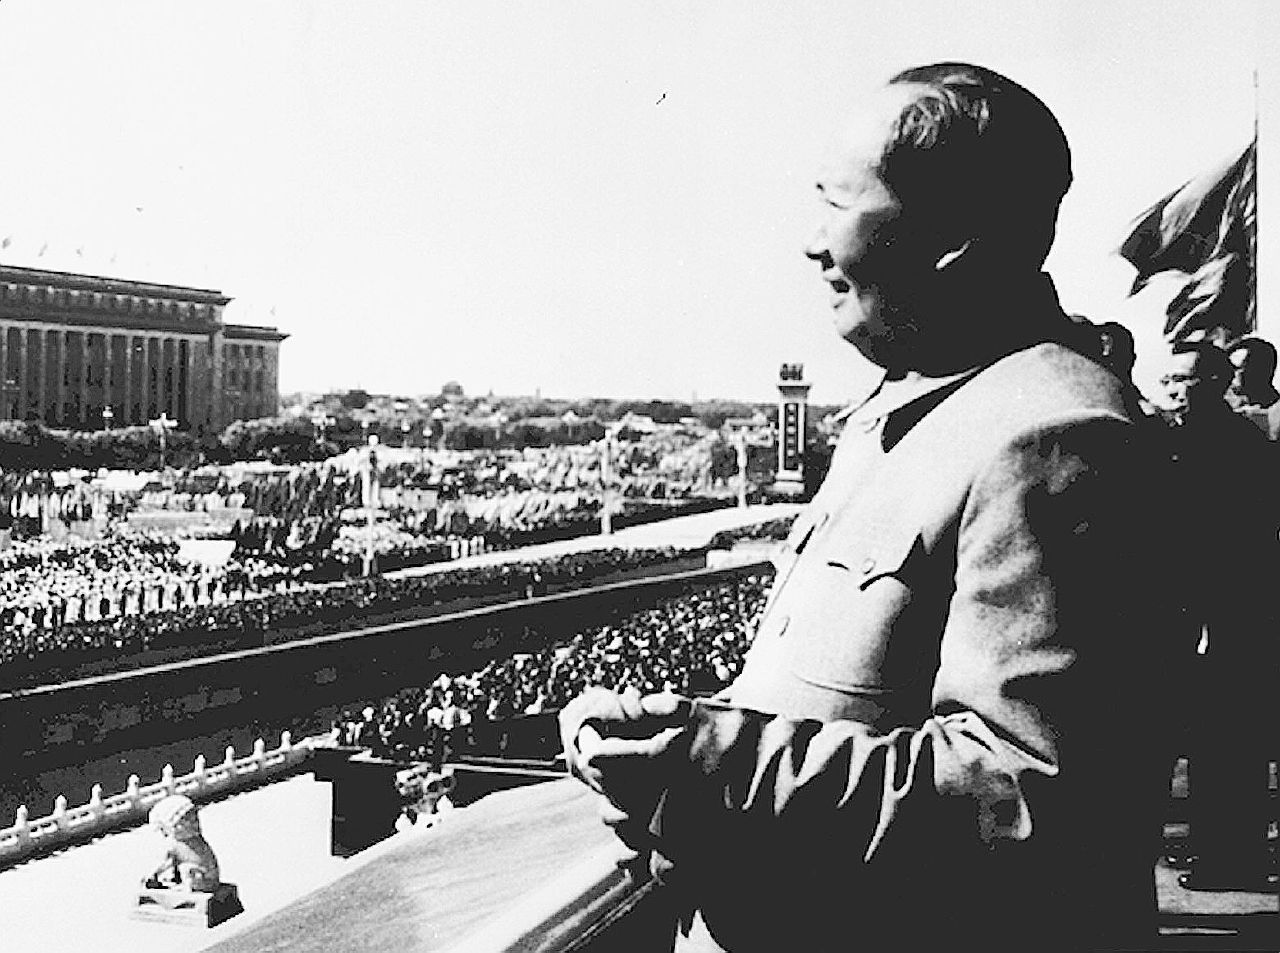 Cinquant'anni fa il Verbo di Mao ispirava anche l'Italia